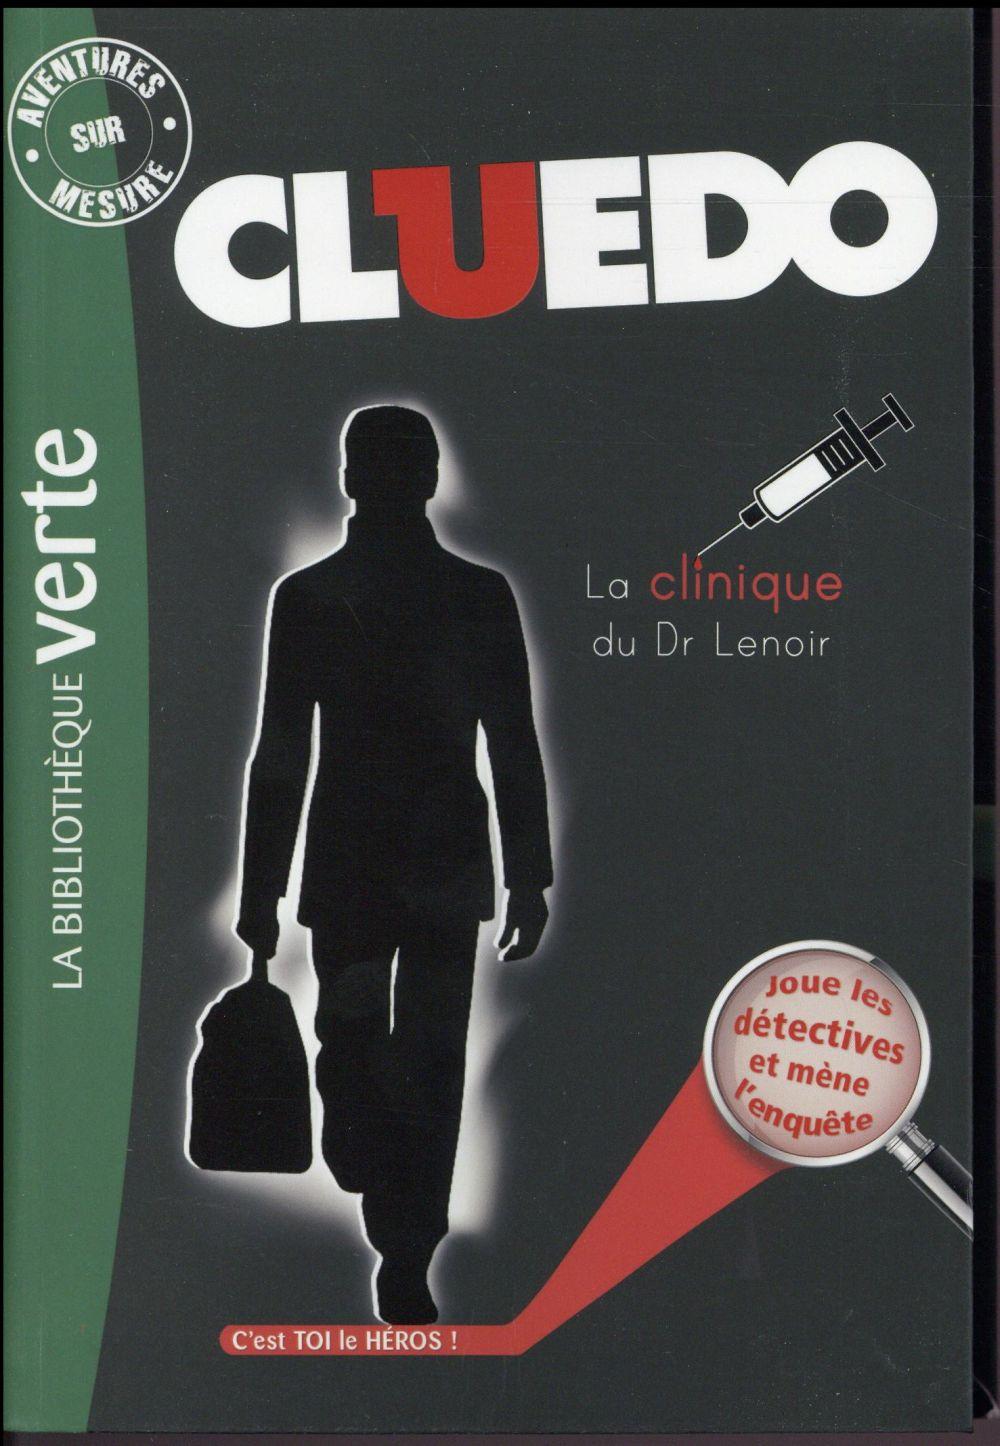 CLUEDO - T12 - AVENTURES SUR MESURE CLUEDO 12 - LA CLINIQUE DU DR LENOIR Leydier Michel